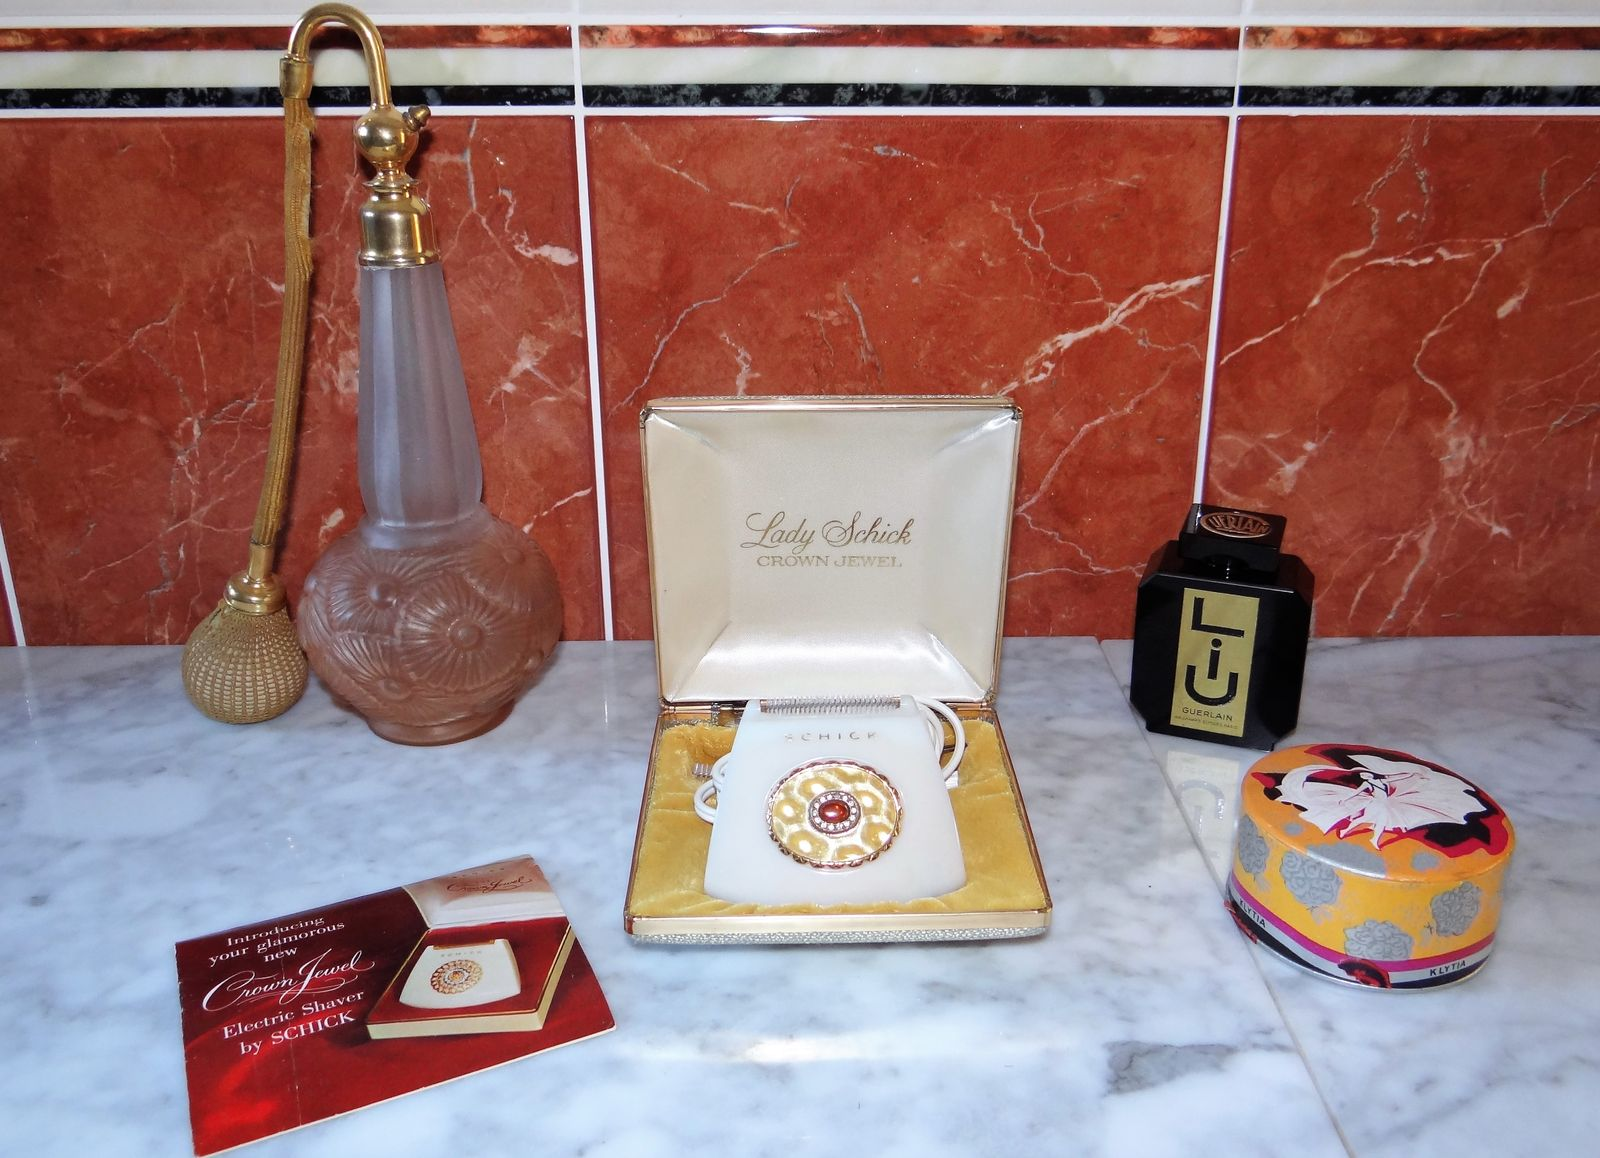 Schick mod 110 Crown Jewel 1960 USA